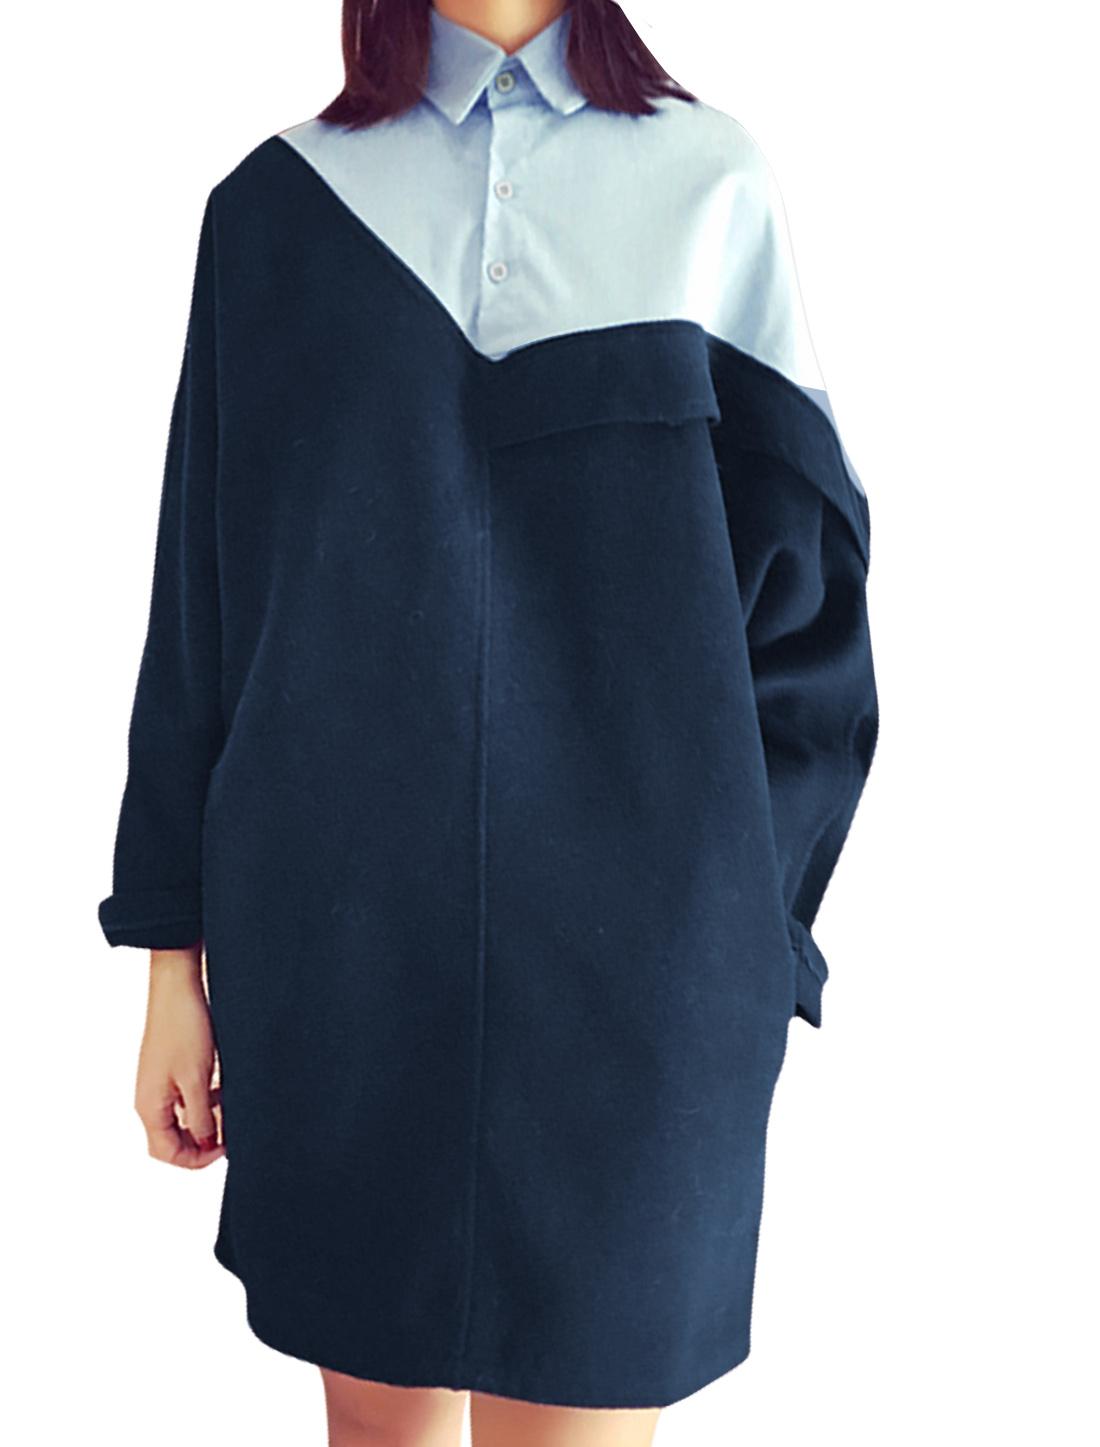 Women Half Button Closed Long Sleeves Panel Design Shirt Dress Blue XS